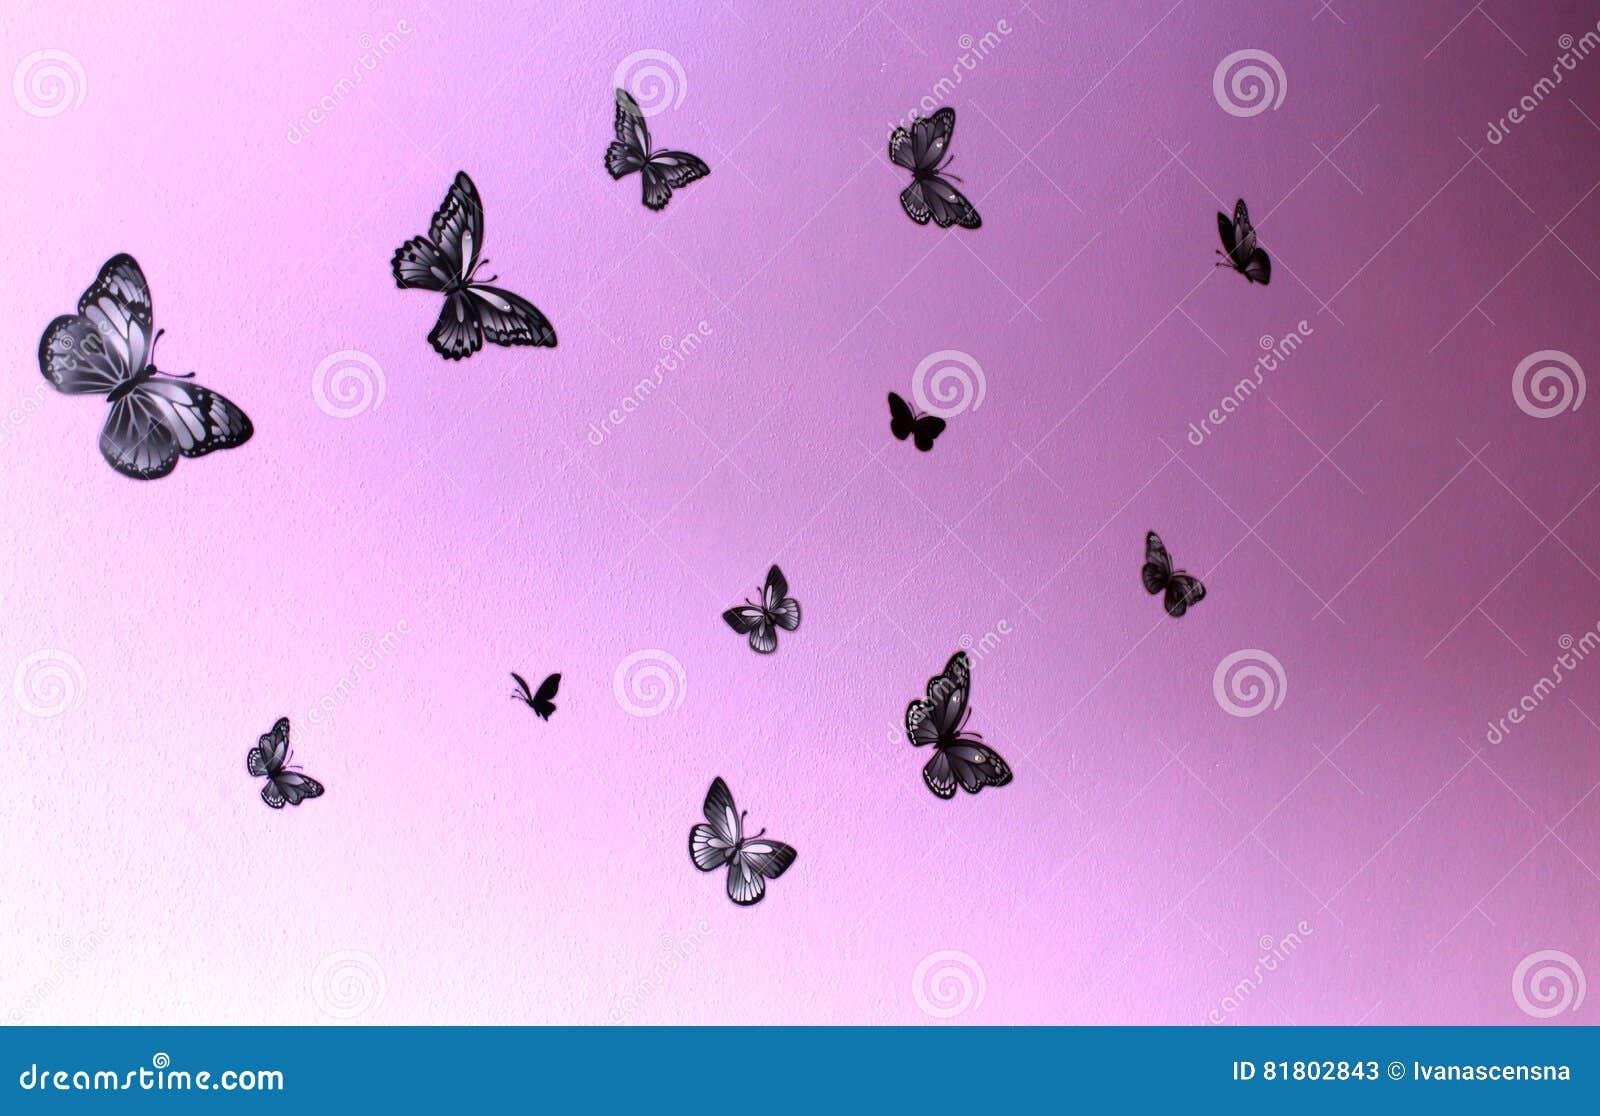 Черные бабочки летают на фиолетовую стену в различных направлениях